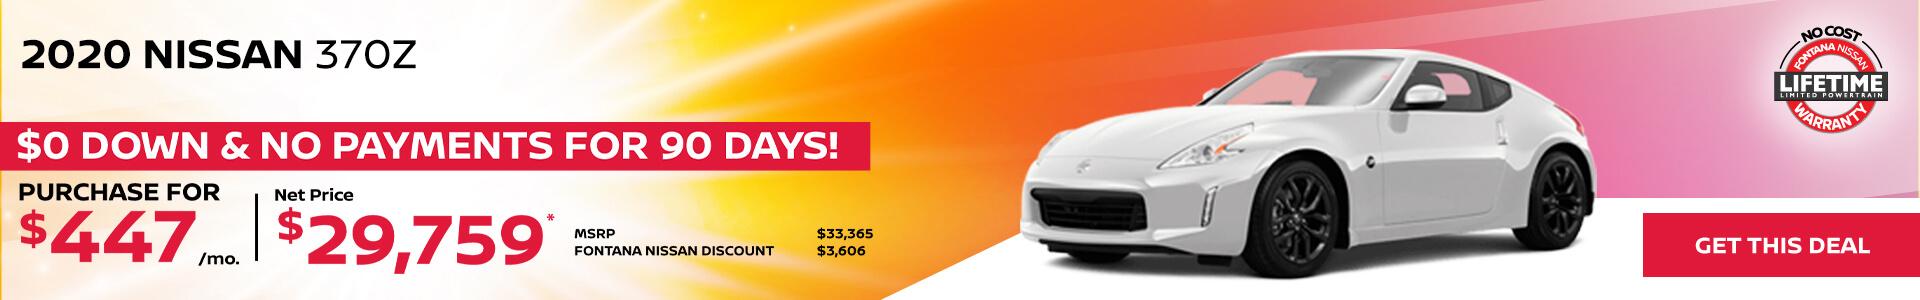 Nissan 370Z $447